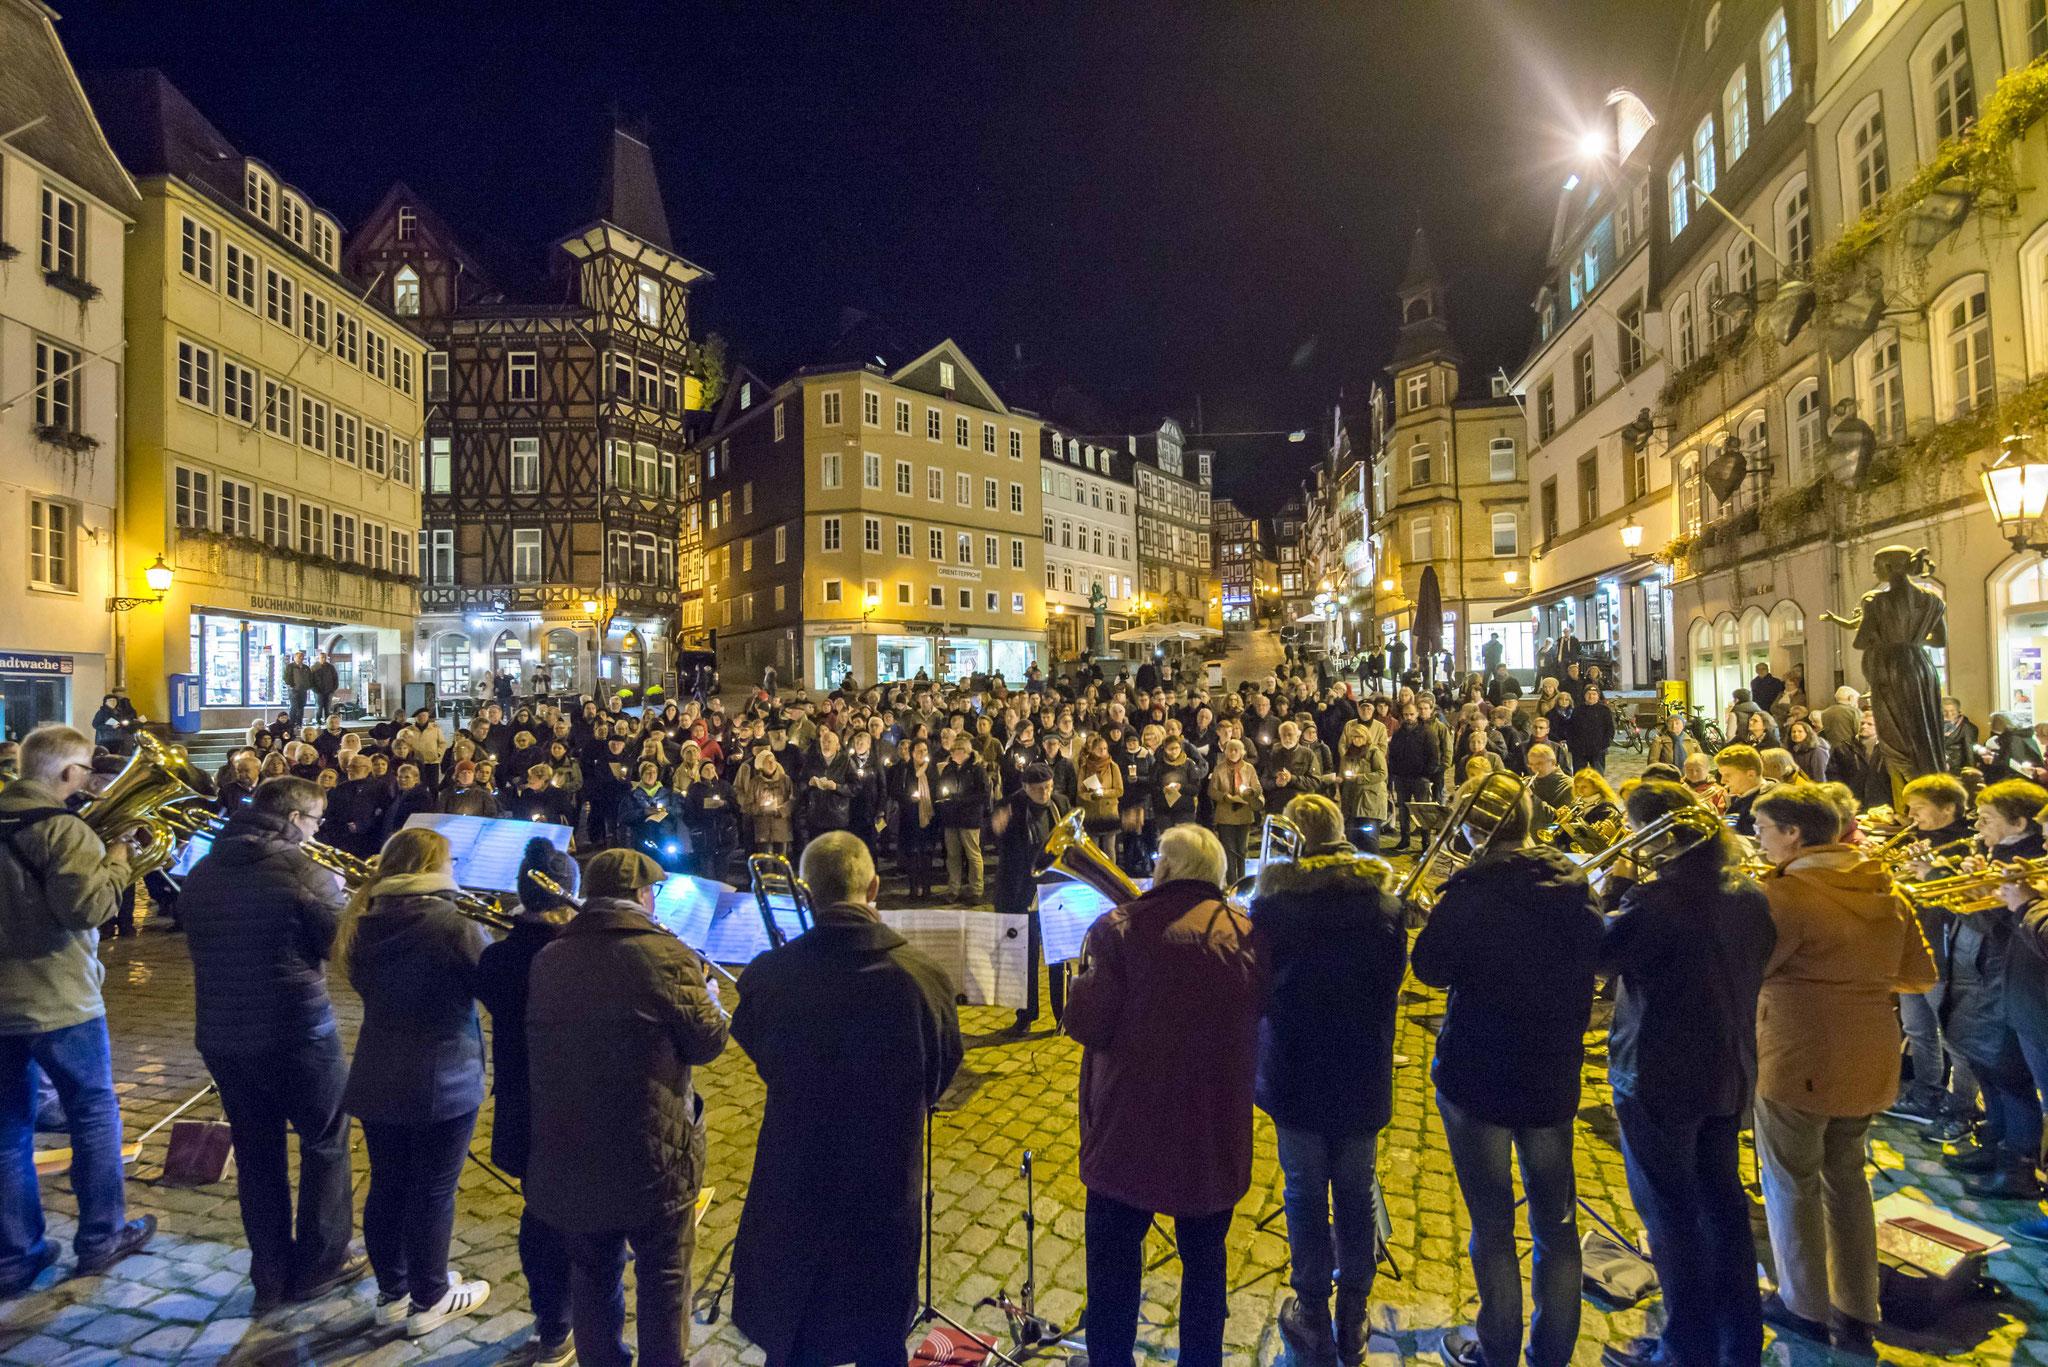 Auf dem Marktplatz vor dem Rathaus wurde zu Beginn des Reformationsjubiläums für die Stadt gebetet (Foto: Karl-Günter Balzer)